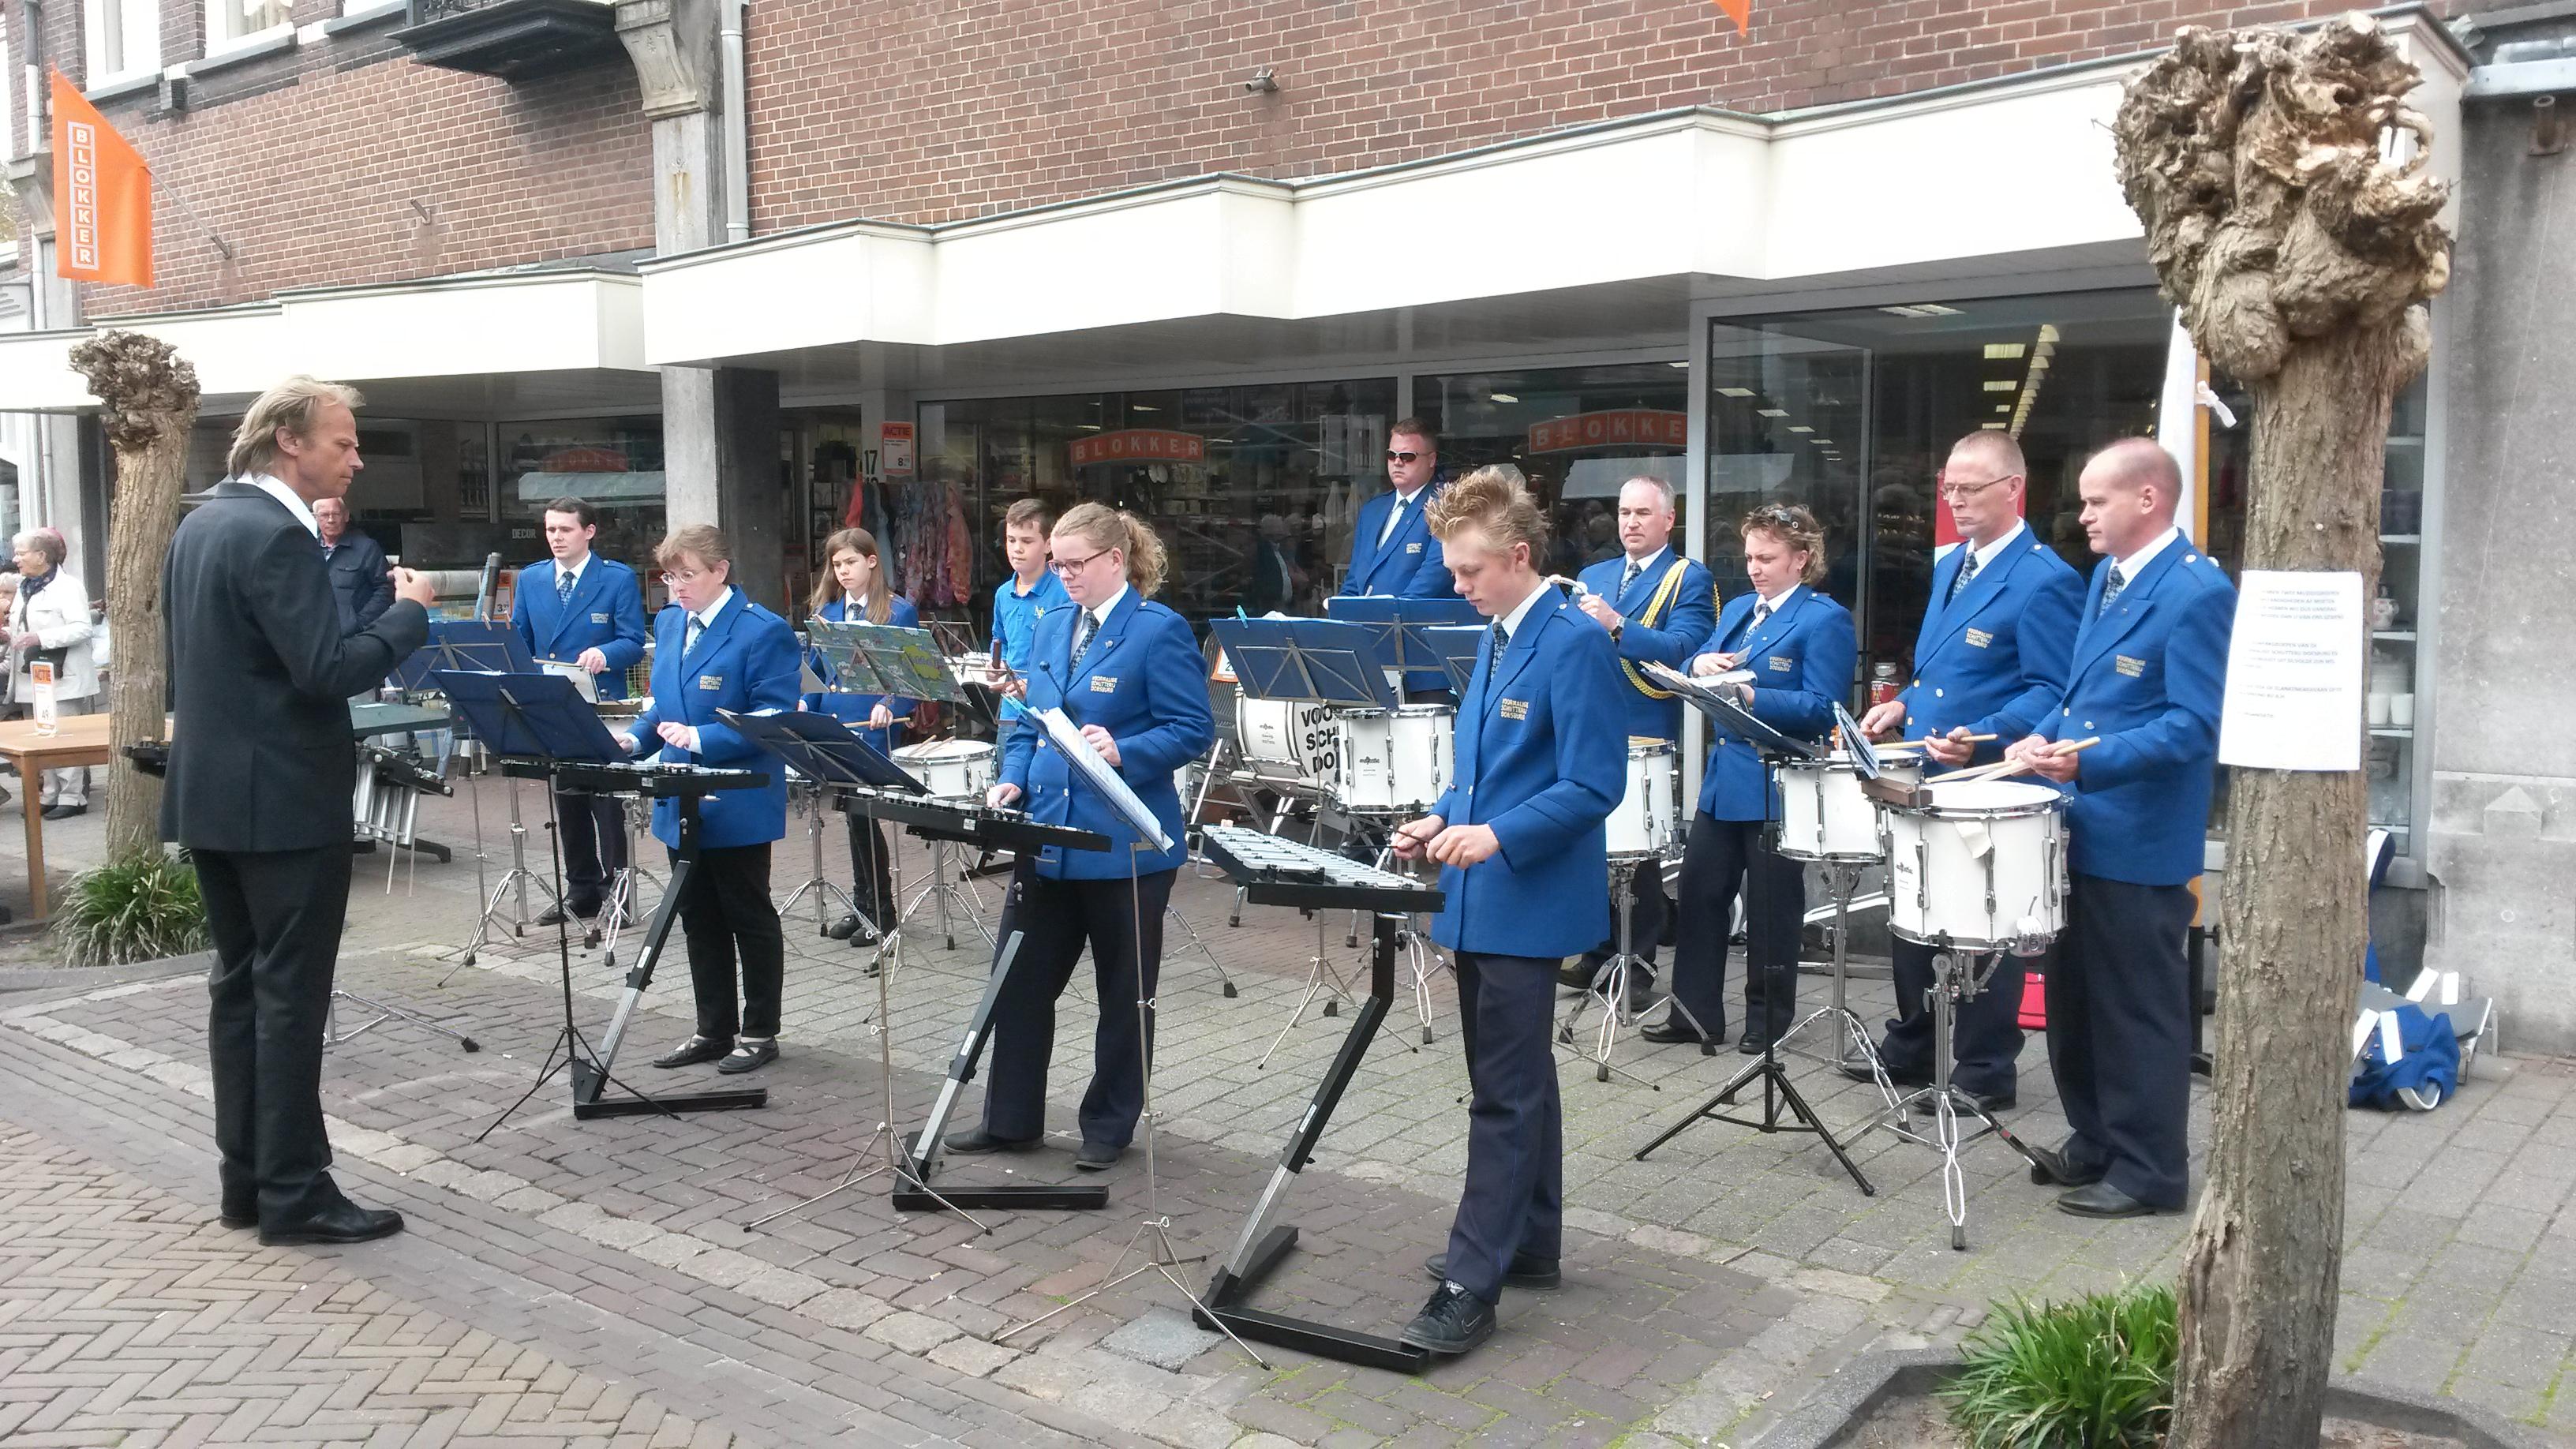 Muziekcorps der Voormalige Schutterij Doesburg